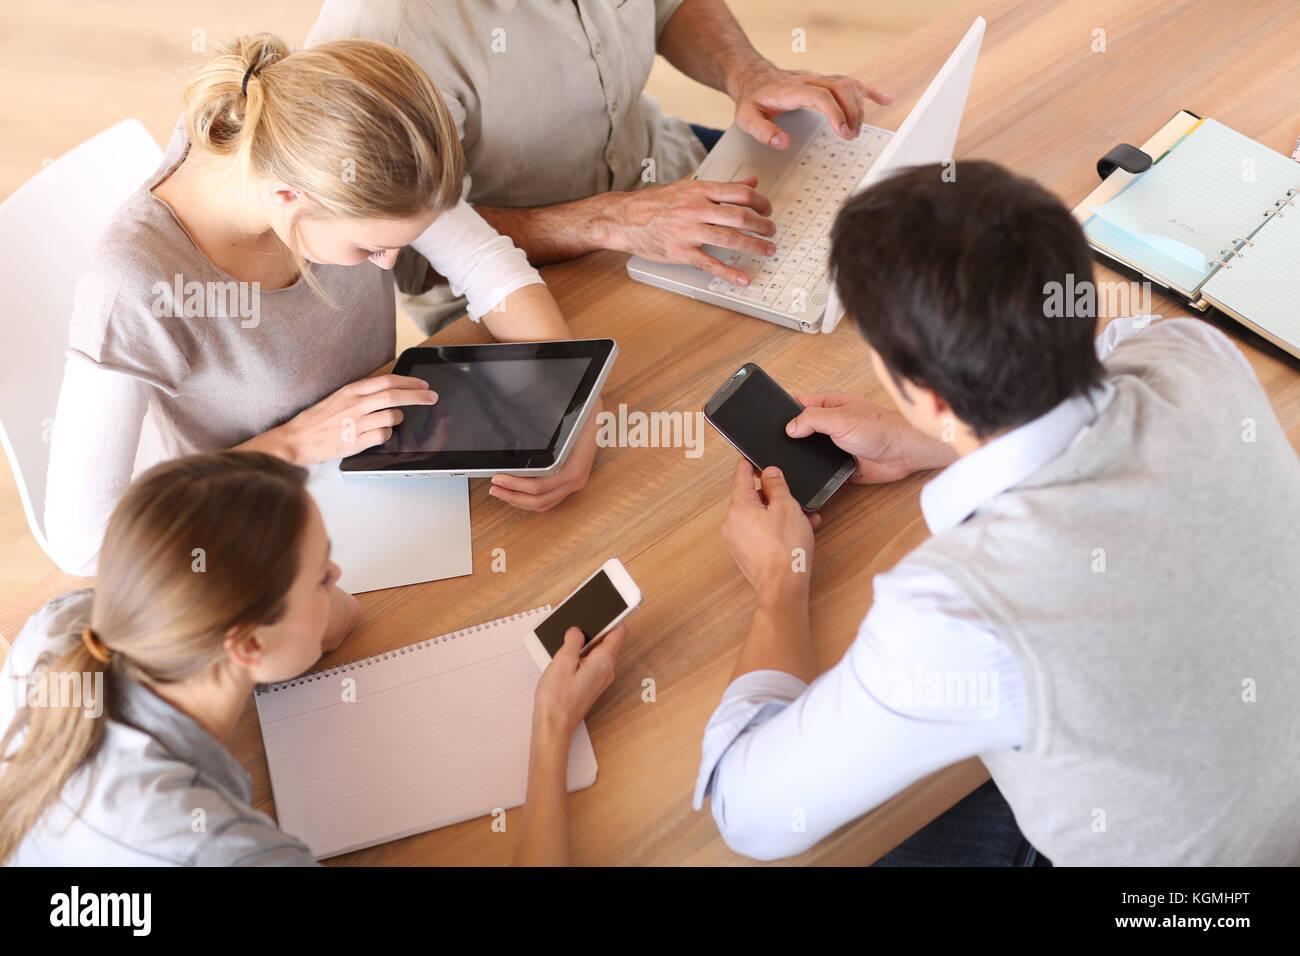 Groupe de gens d'affaires à l'aide de dispositifs électroniques au travail Banque D'Images